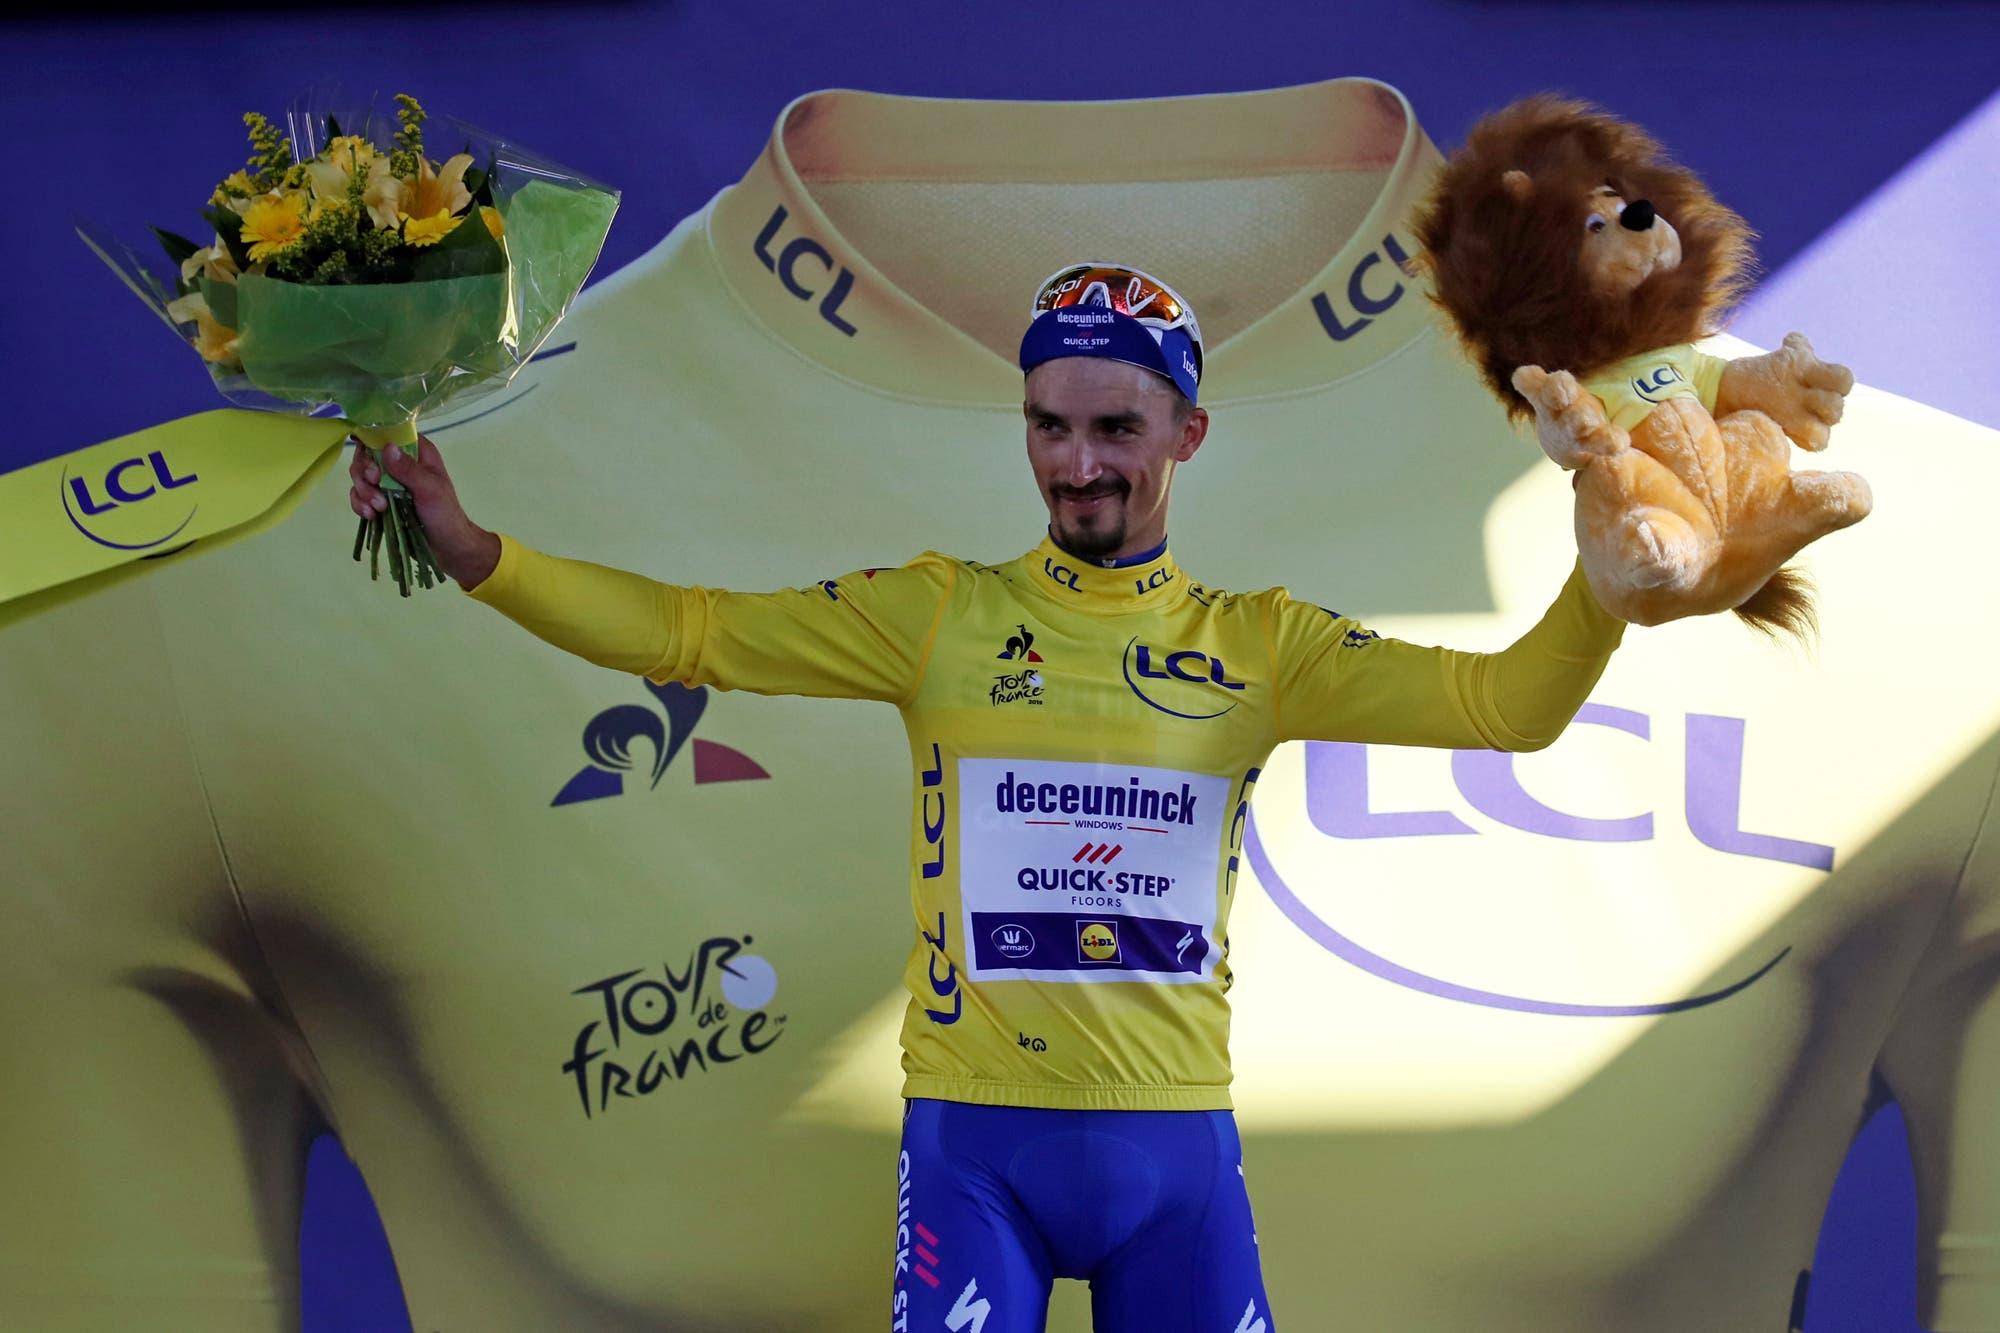 El Tour de France ya está por los Pirineos sin haber repetido un ganador en sus etapas